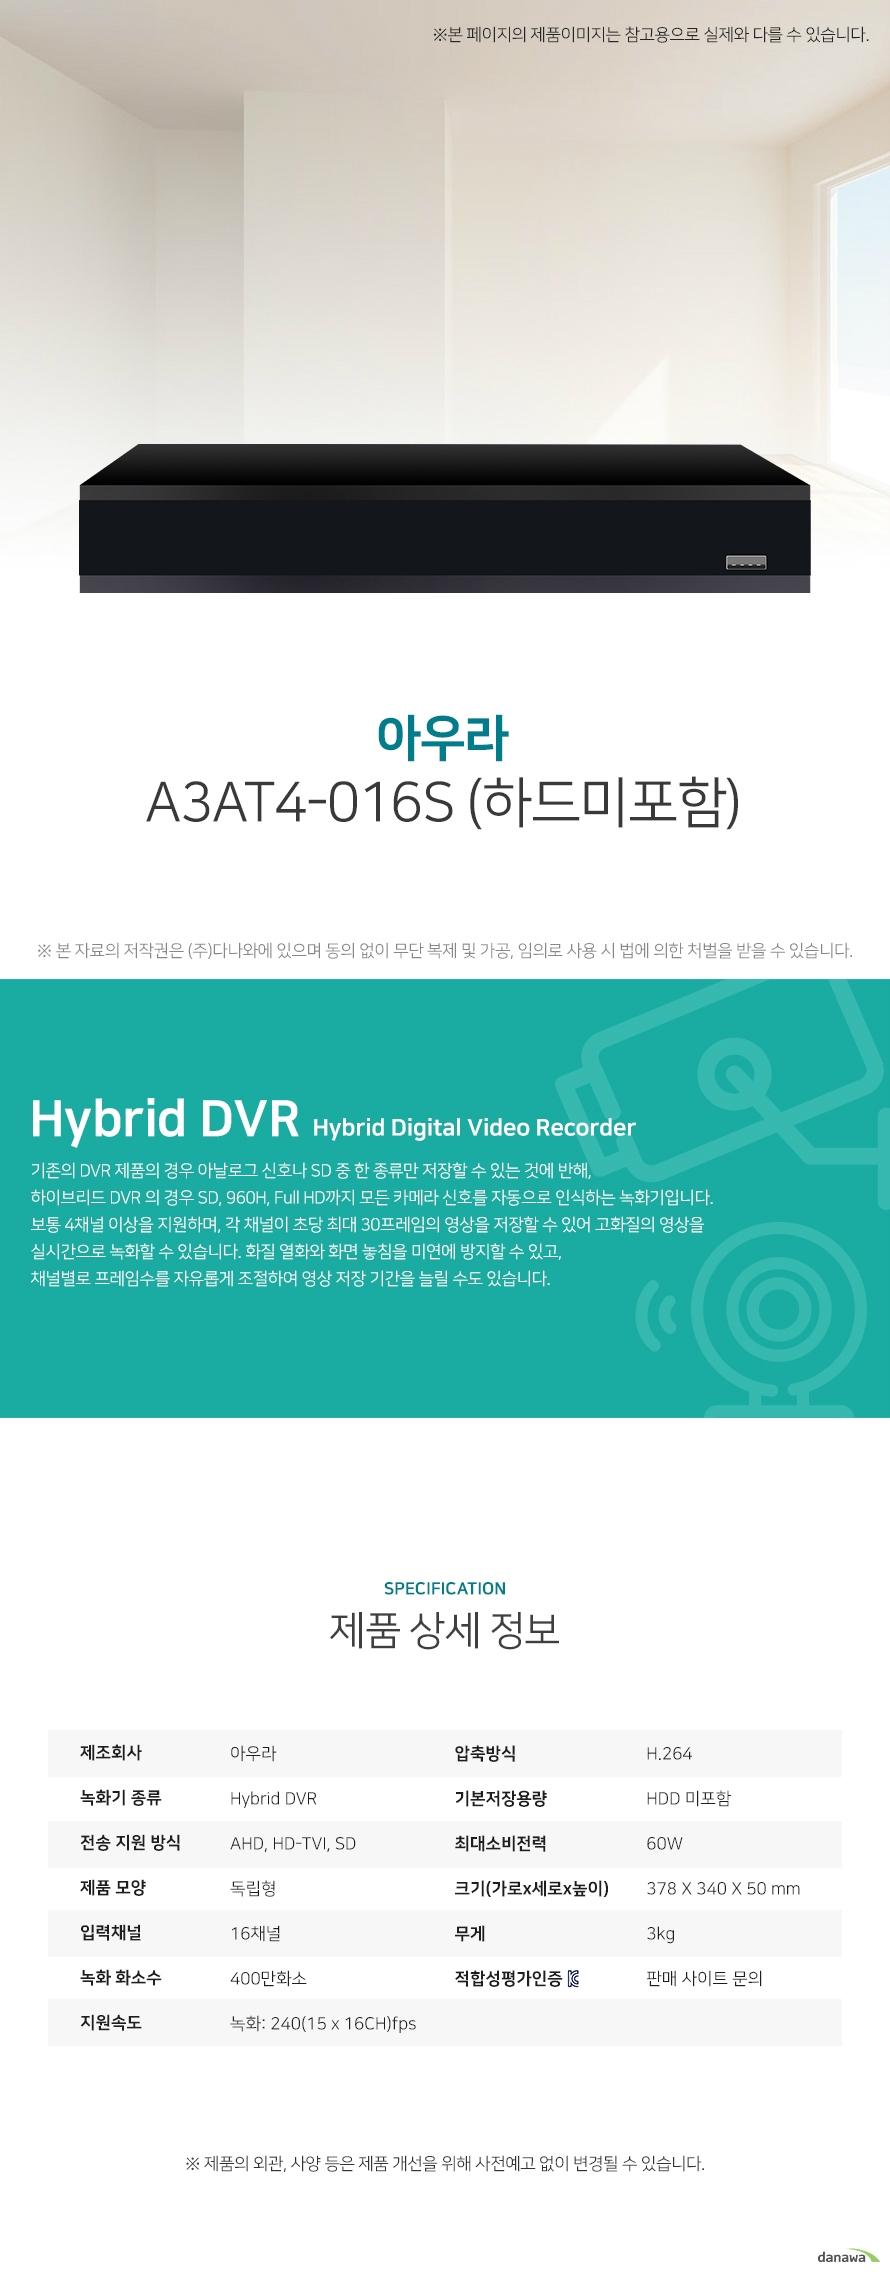 아우라 A3AT4-16S (하드미포함) 상세 스펙 Hybrid DVR / AHD / HD-TVI / SD / 독립형 / 16채널 / 400만화소 / 녹화: 240(15 x 16CH)fps / 압축방식: H.264 / 기본저장용량: HDD 미포함 / 스마트폰지원 / USB 백업 / 60W / 가로: 378mm / 세로: 340mm / 높이: 50mm / 무게: 3kg